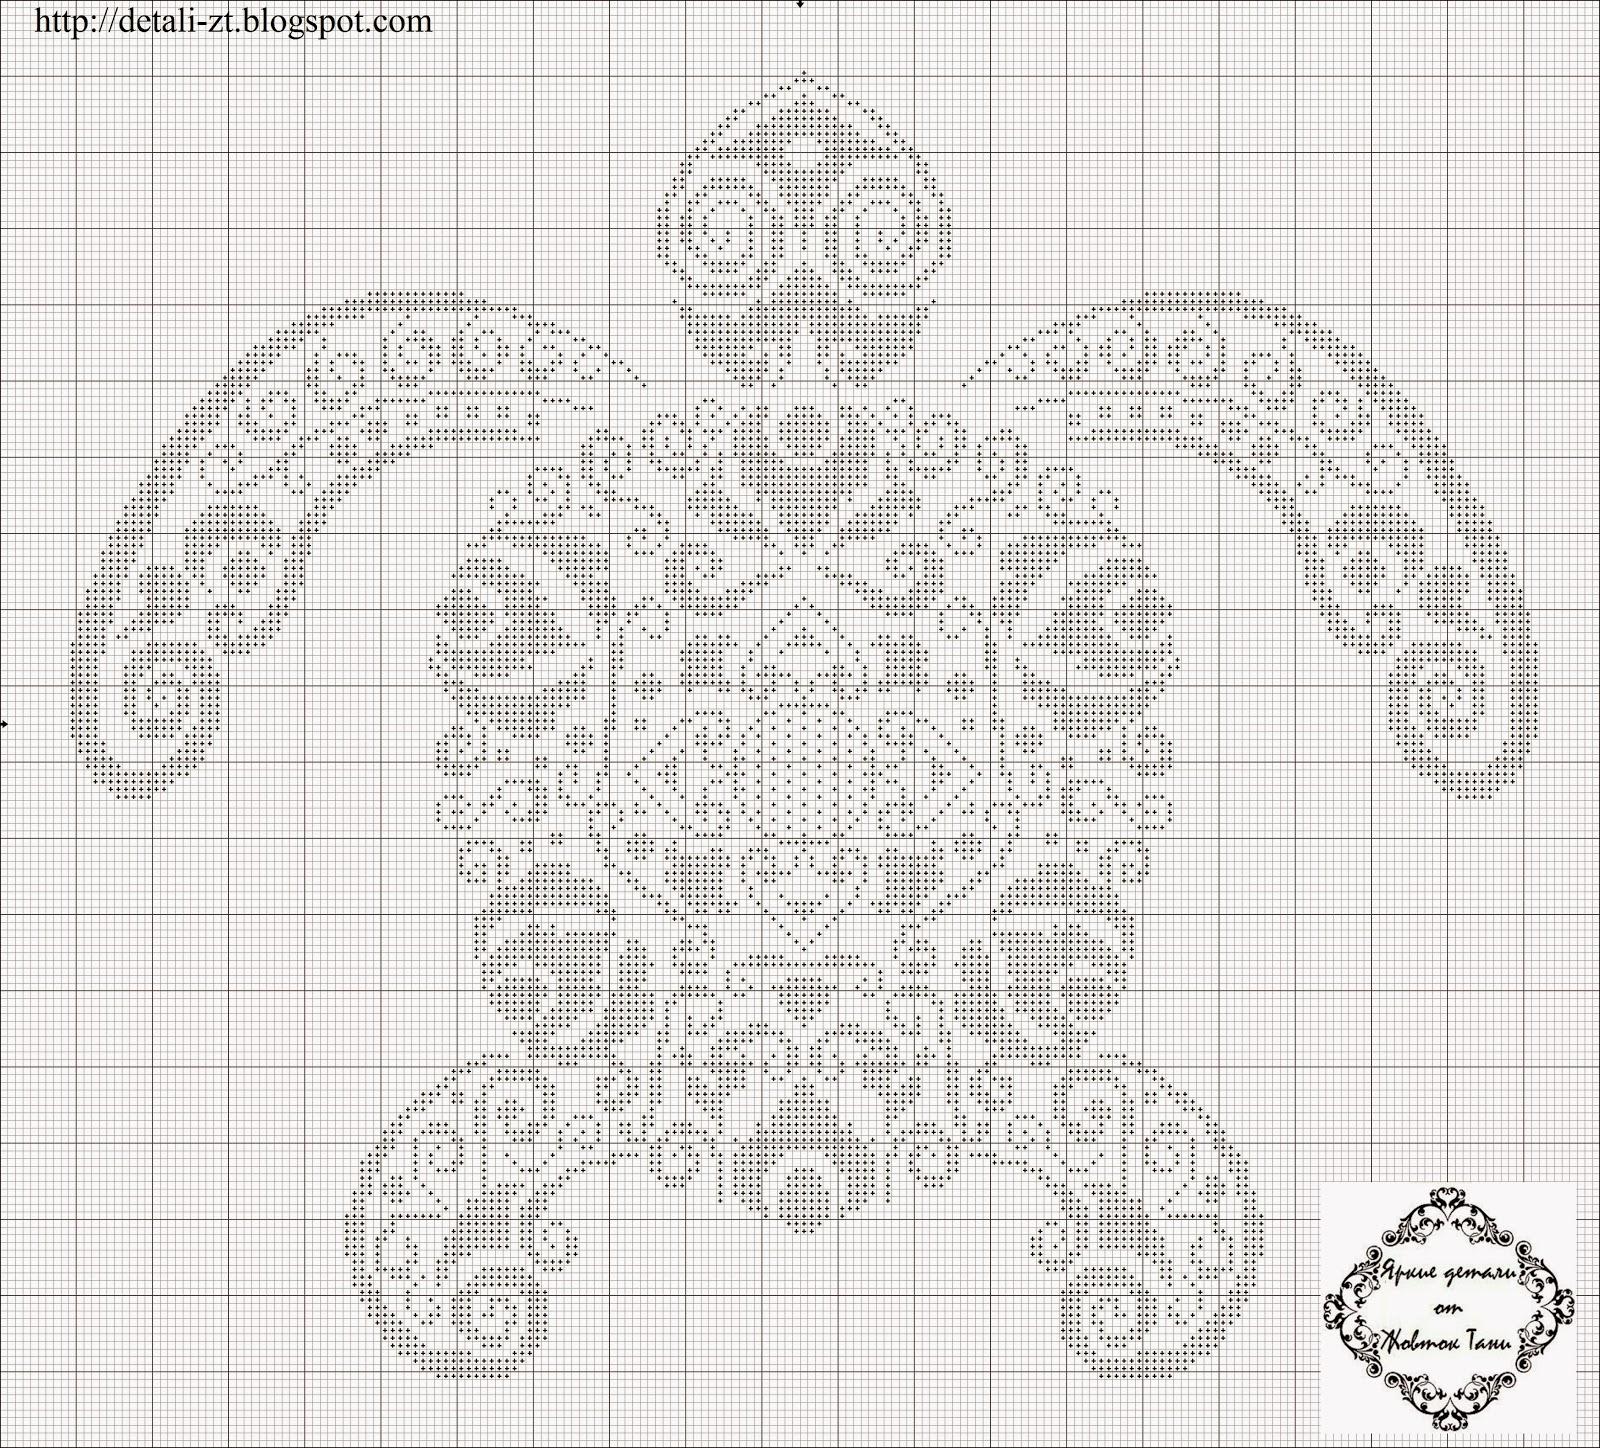 Монохромная вышивка крестом схемы новые: самое интересное 59